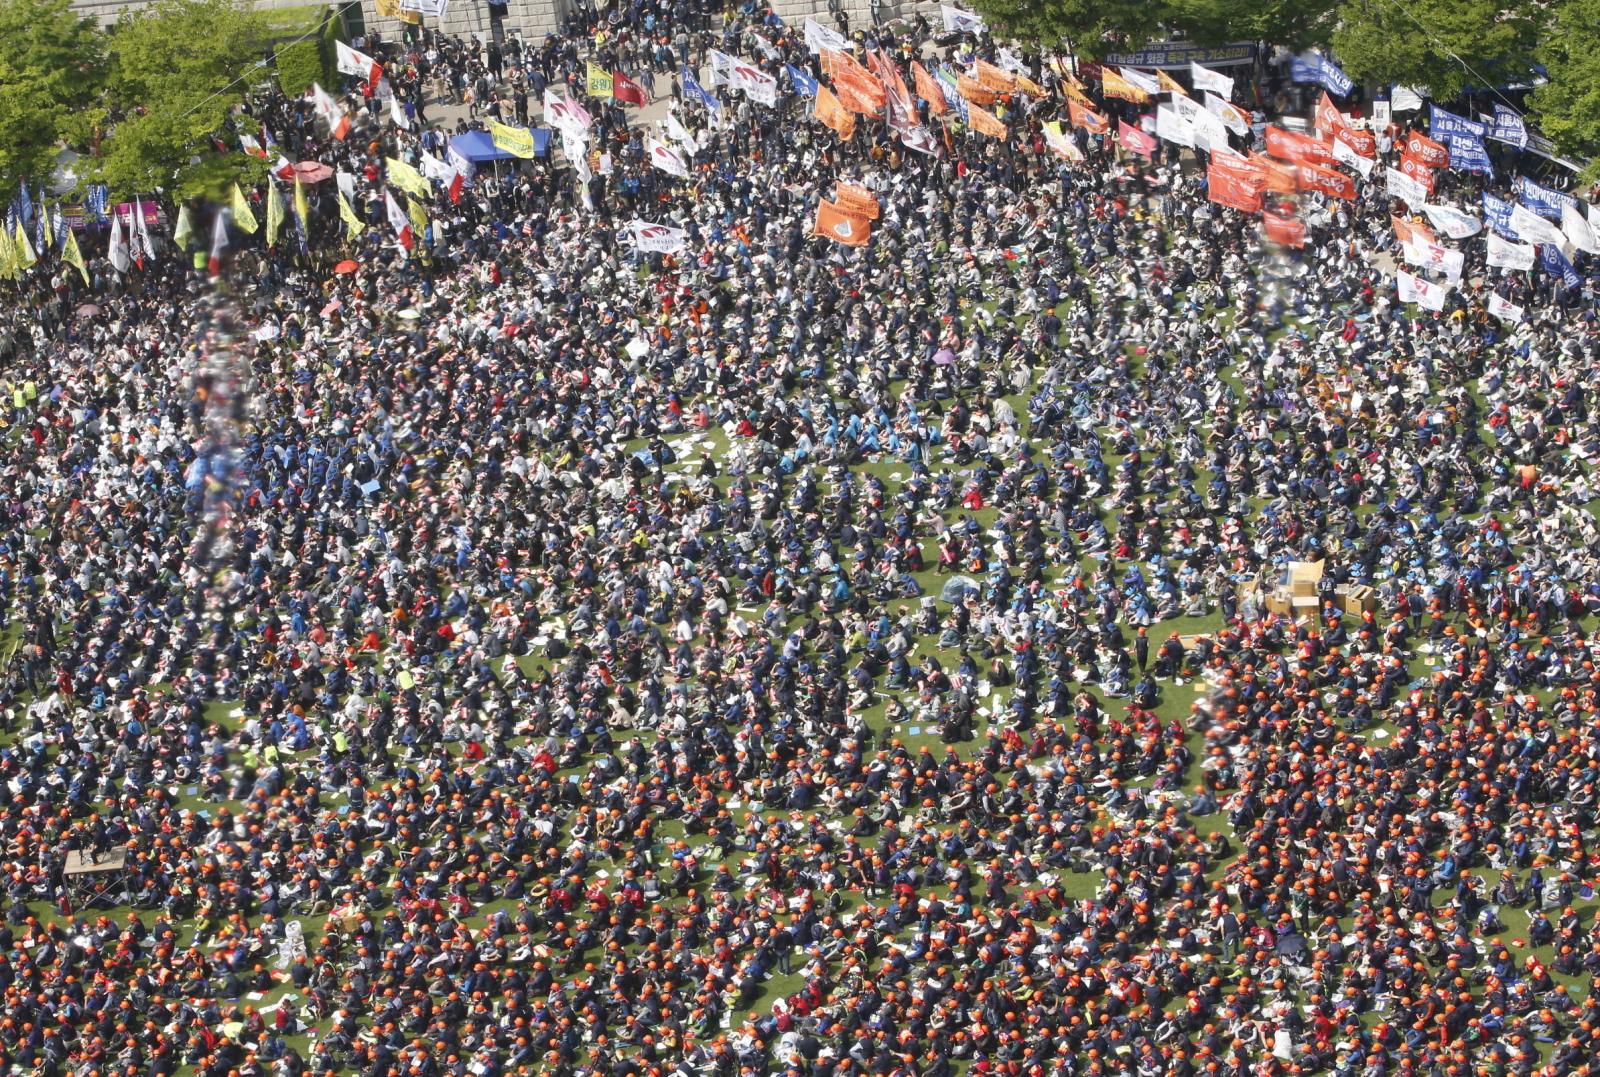 Święto Pracy w Korei Południowej EPA/KIM HEE-CHUL